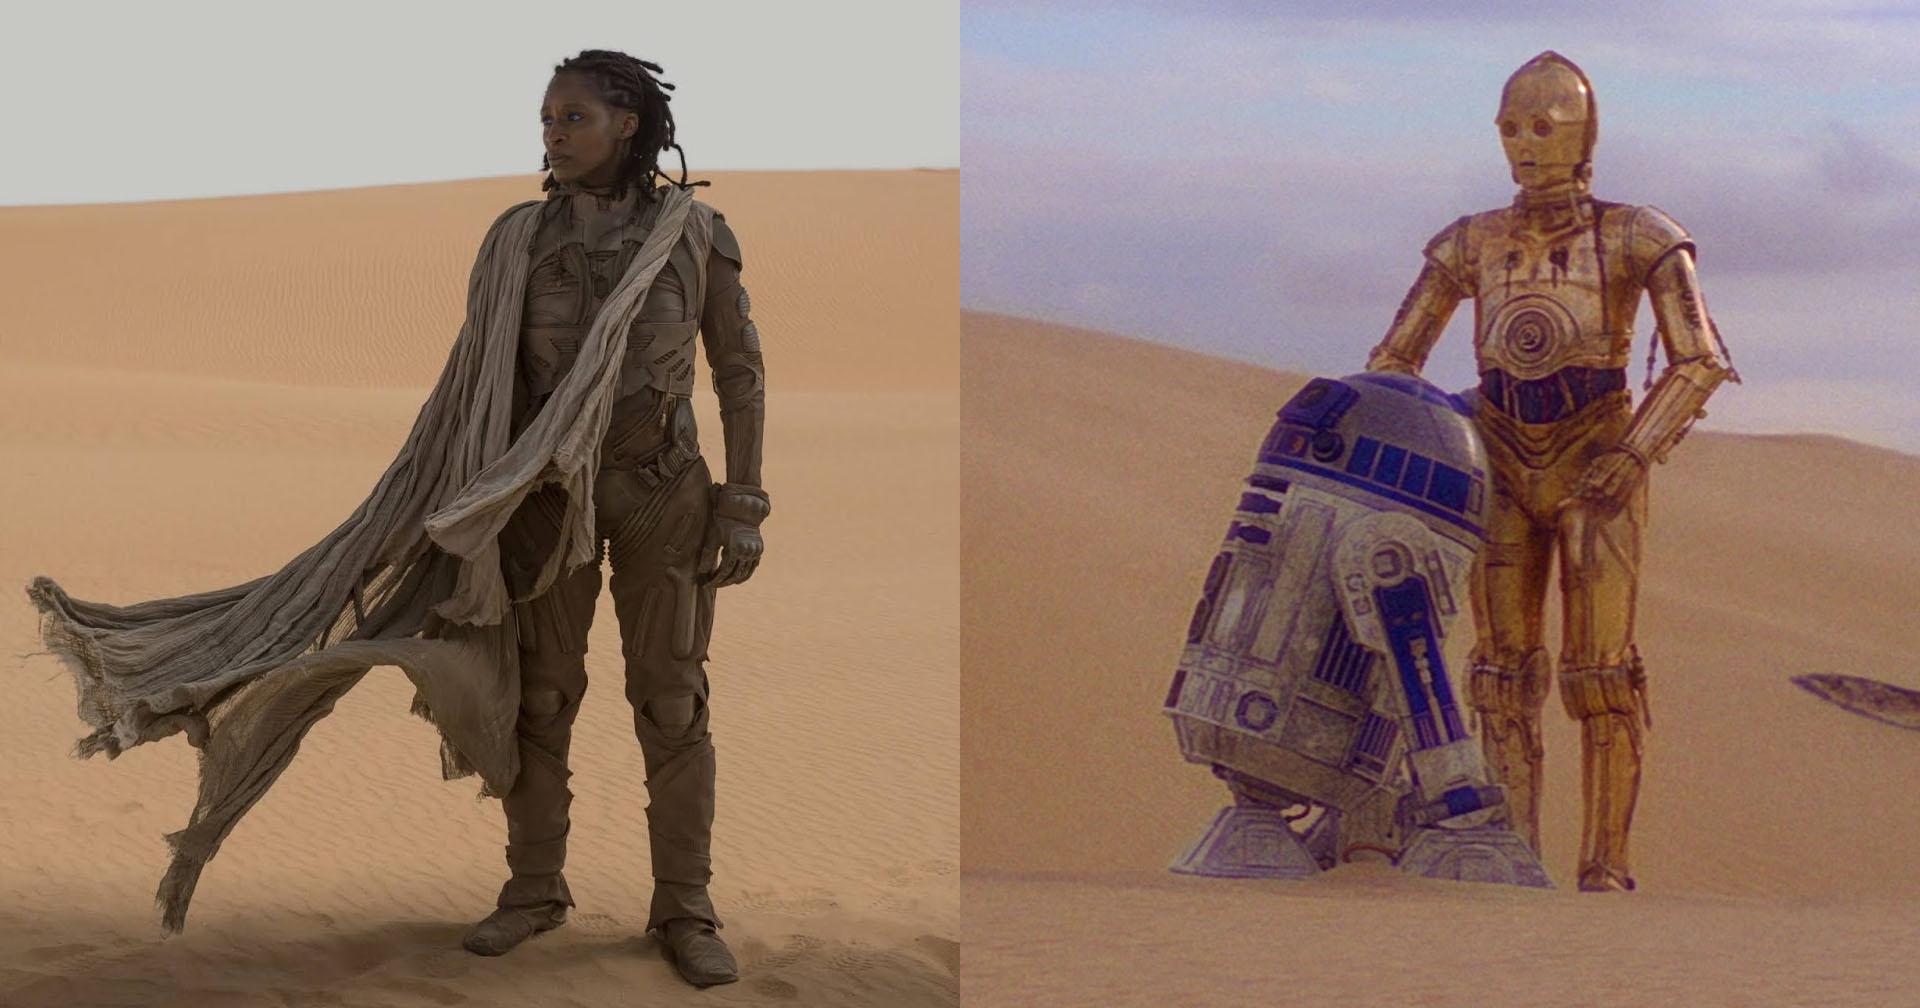 Duna e Star Wars | 5 semelhanças entre o universo de George Lucas e a obra de Frank Herbert